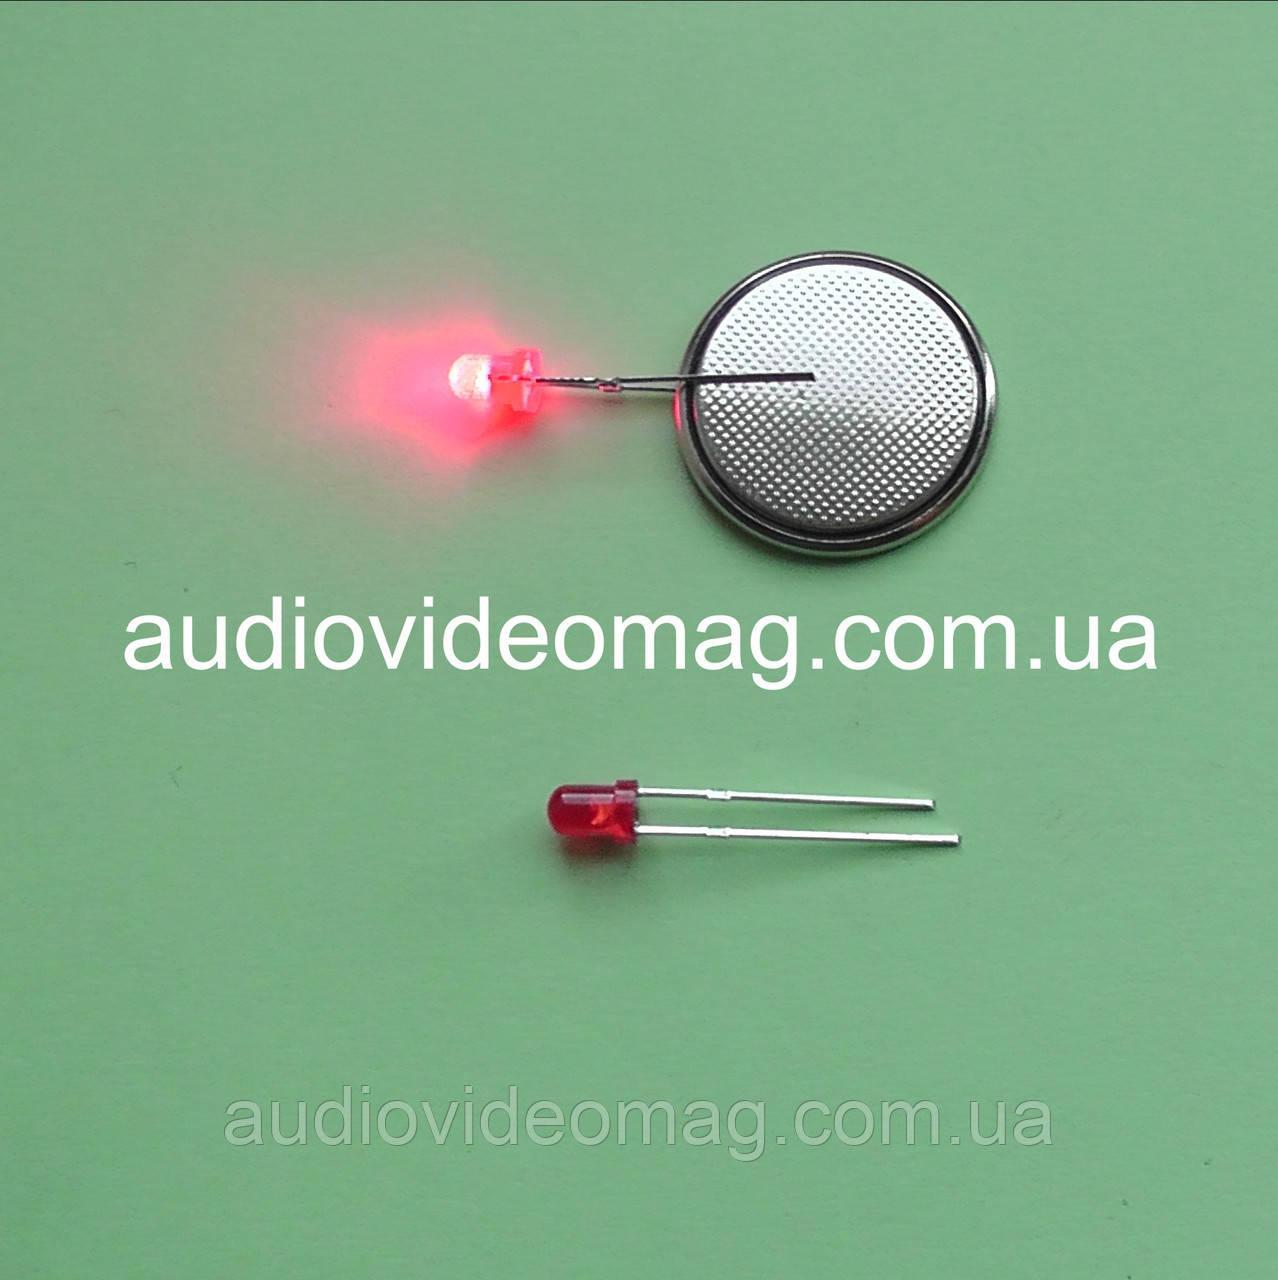 Светодиод 3V 3 мм, диффузный, цвет красный